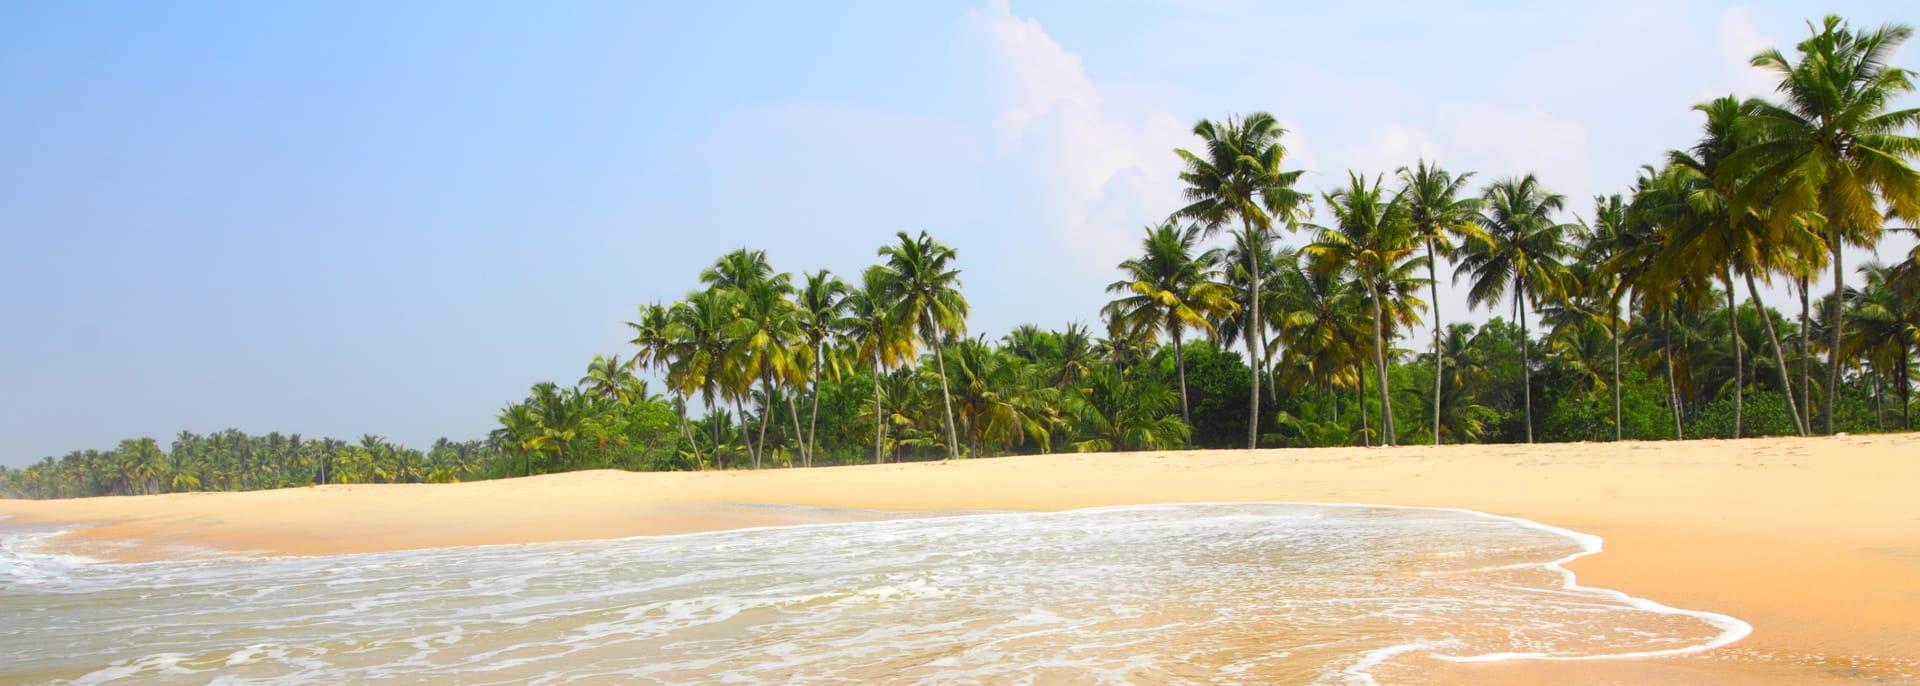 Strand, Indien